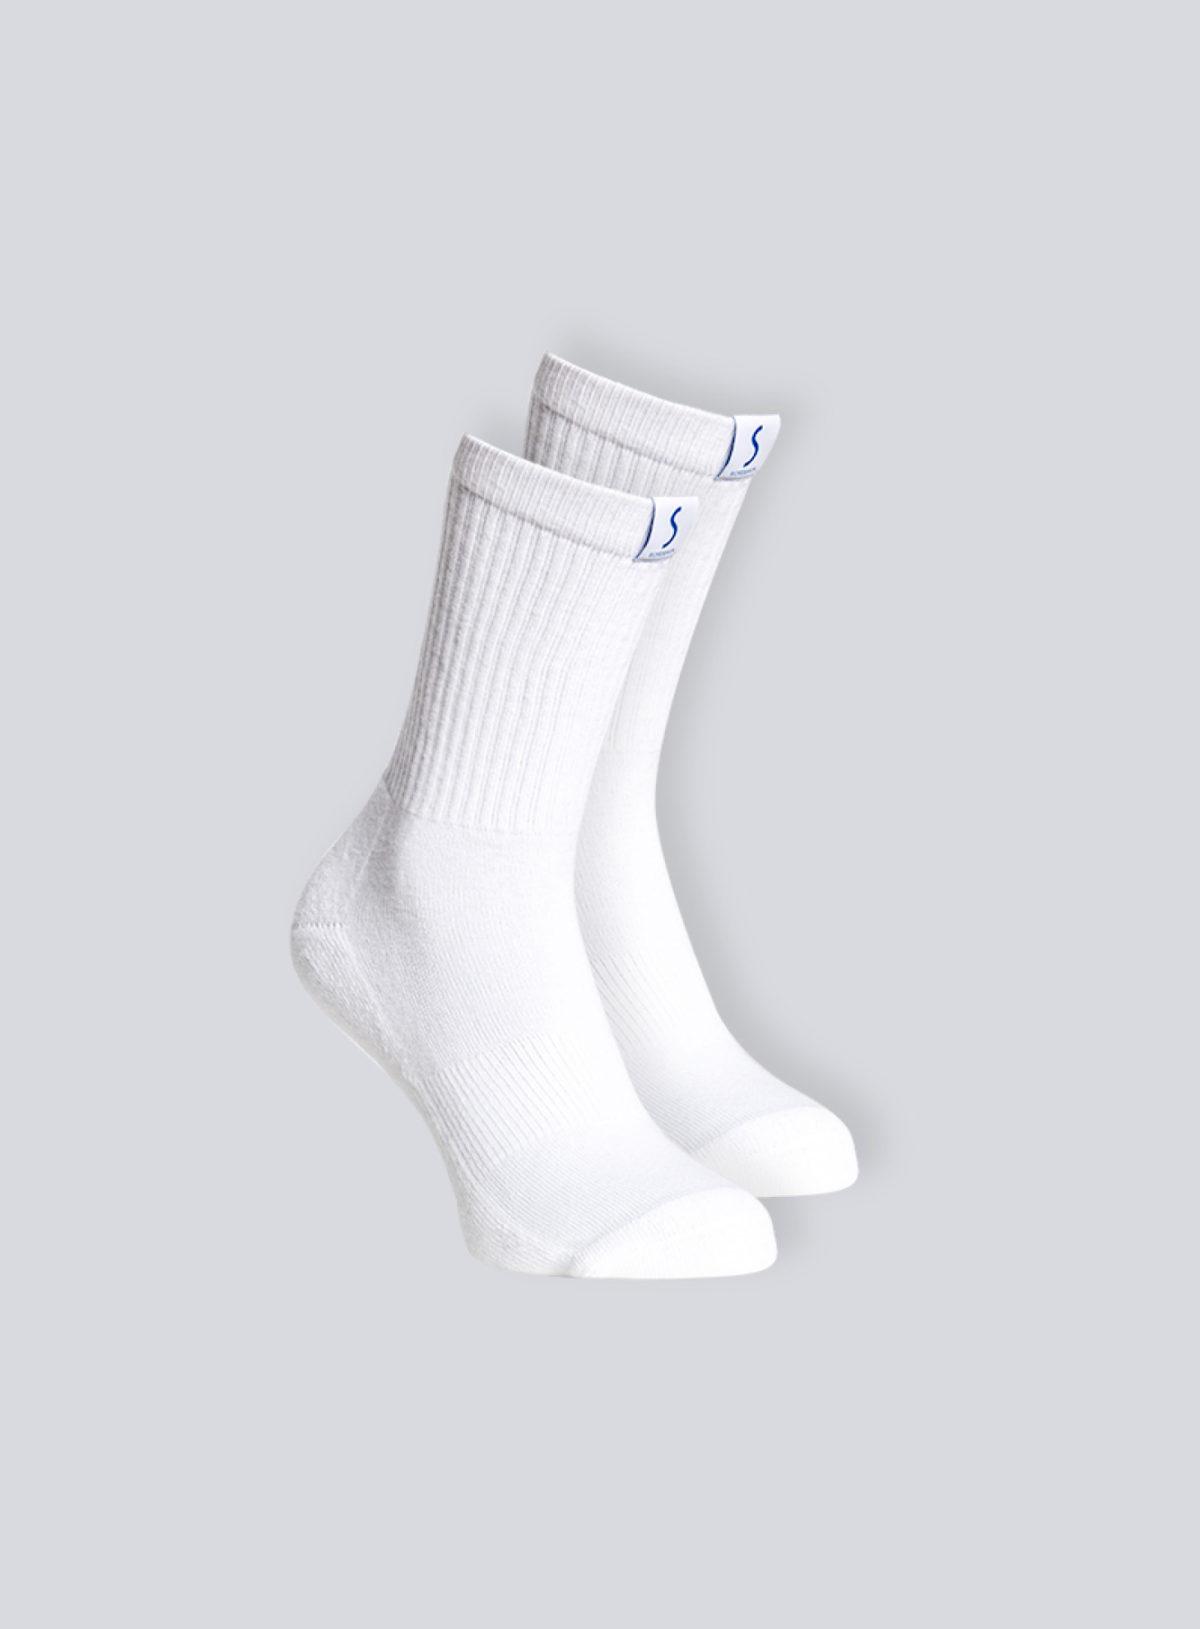 Deux paires de chaussettes mi-mollet blanche pour le sport pour homme de la marque S BORDEAUX